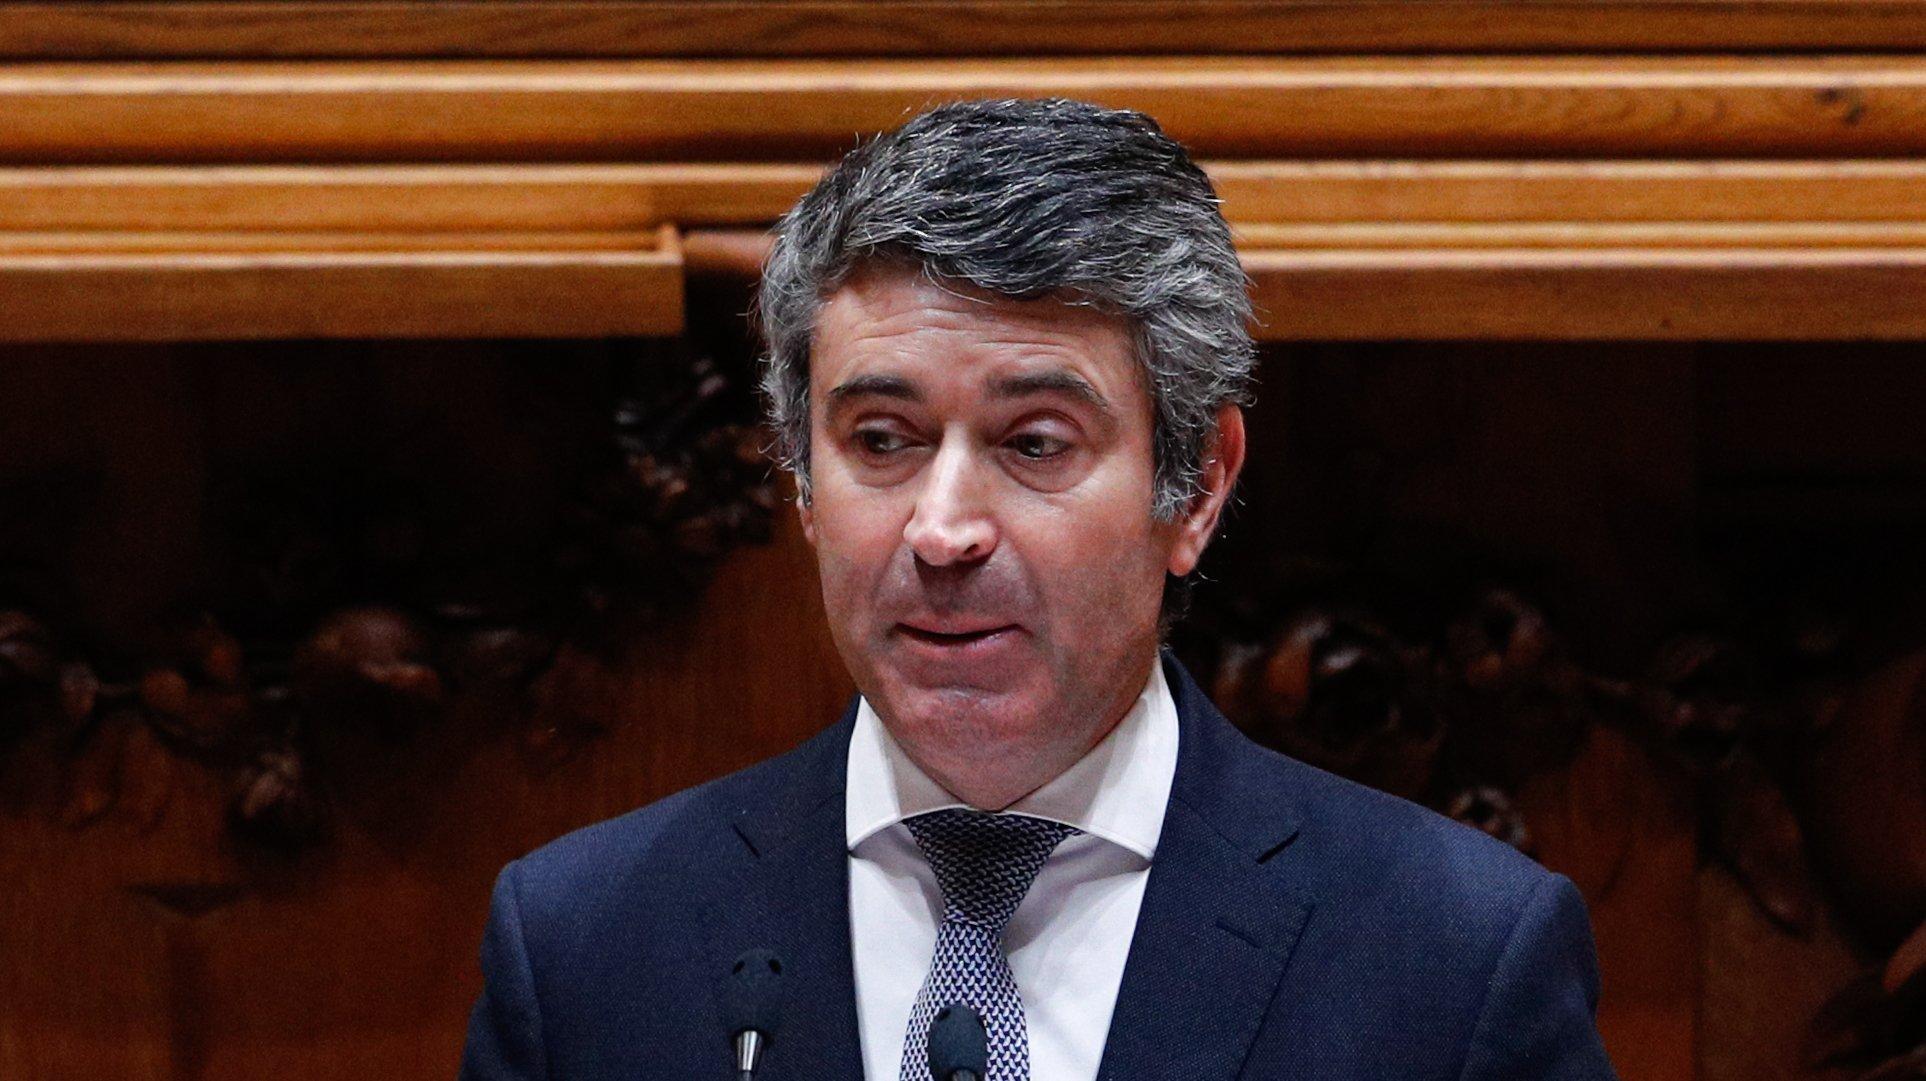 O secretário-geral Adjunto do Partido Socialista (PS), José Luís Carneiro, durante o debate parlamentar de discussão na generalidade do Orçamento do Estado para 2021 (OE2021), na Assembleia da República, em Lisboa, 27 de outubro de 2020. ANTÓNIO COTRIM/LUSA